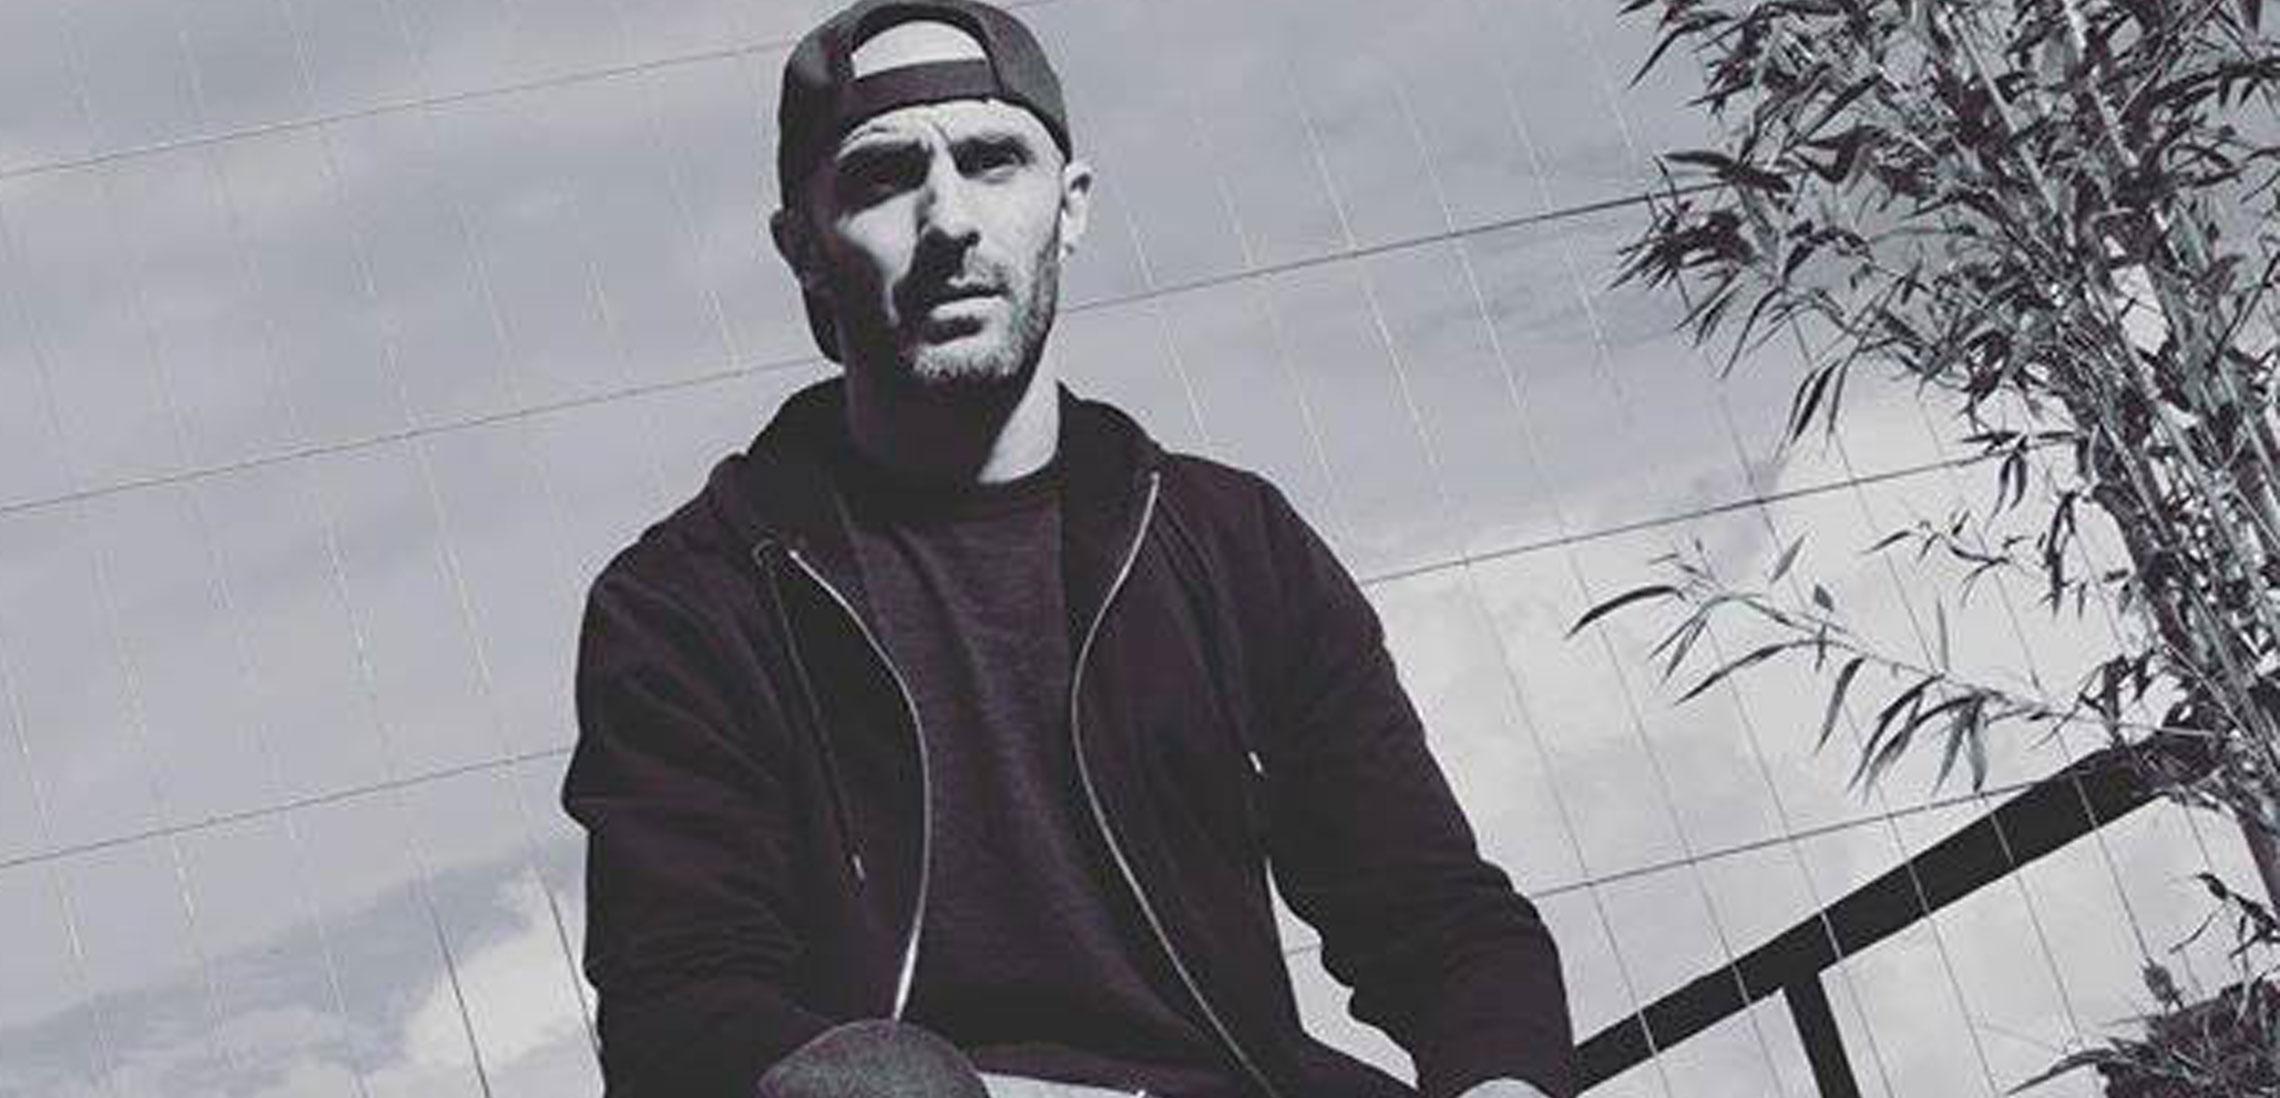 Martin Ikin - No No EP hero